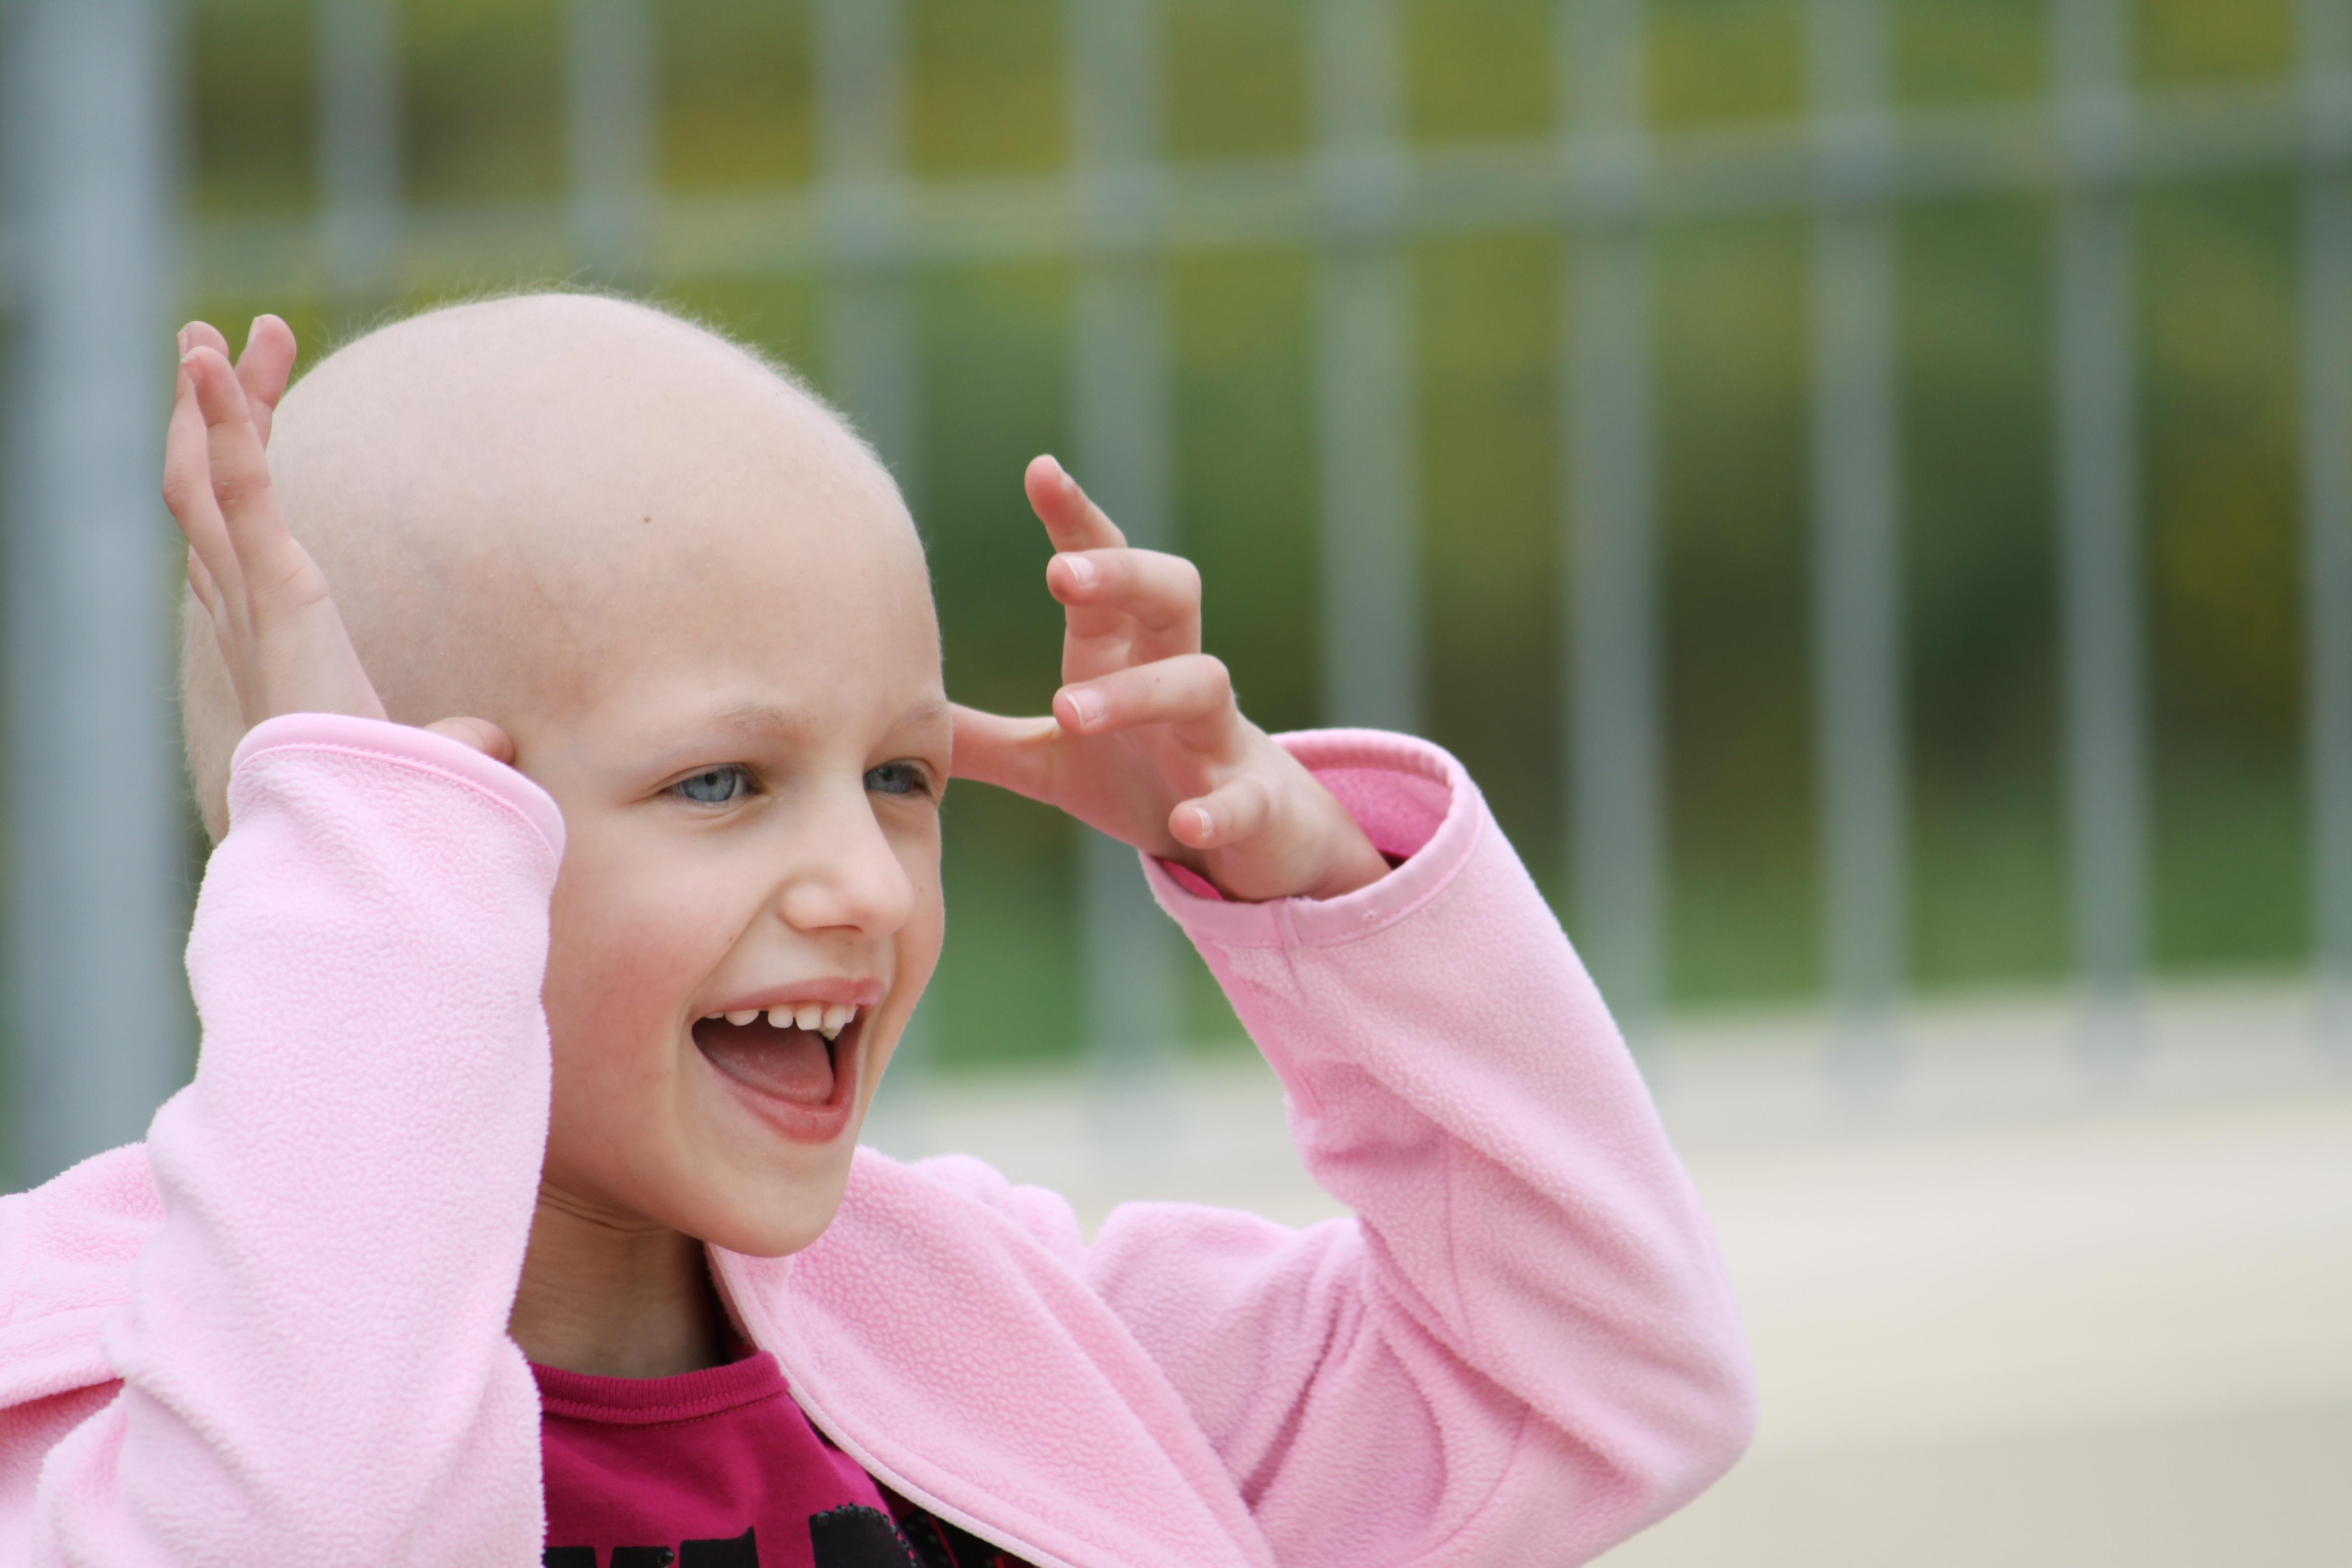 Barncancerfondens vision är att utrota barncancer. Idag överlever i genomsnitt 80 procent av de barn som insjuknar i cancer.